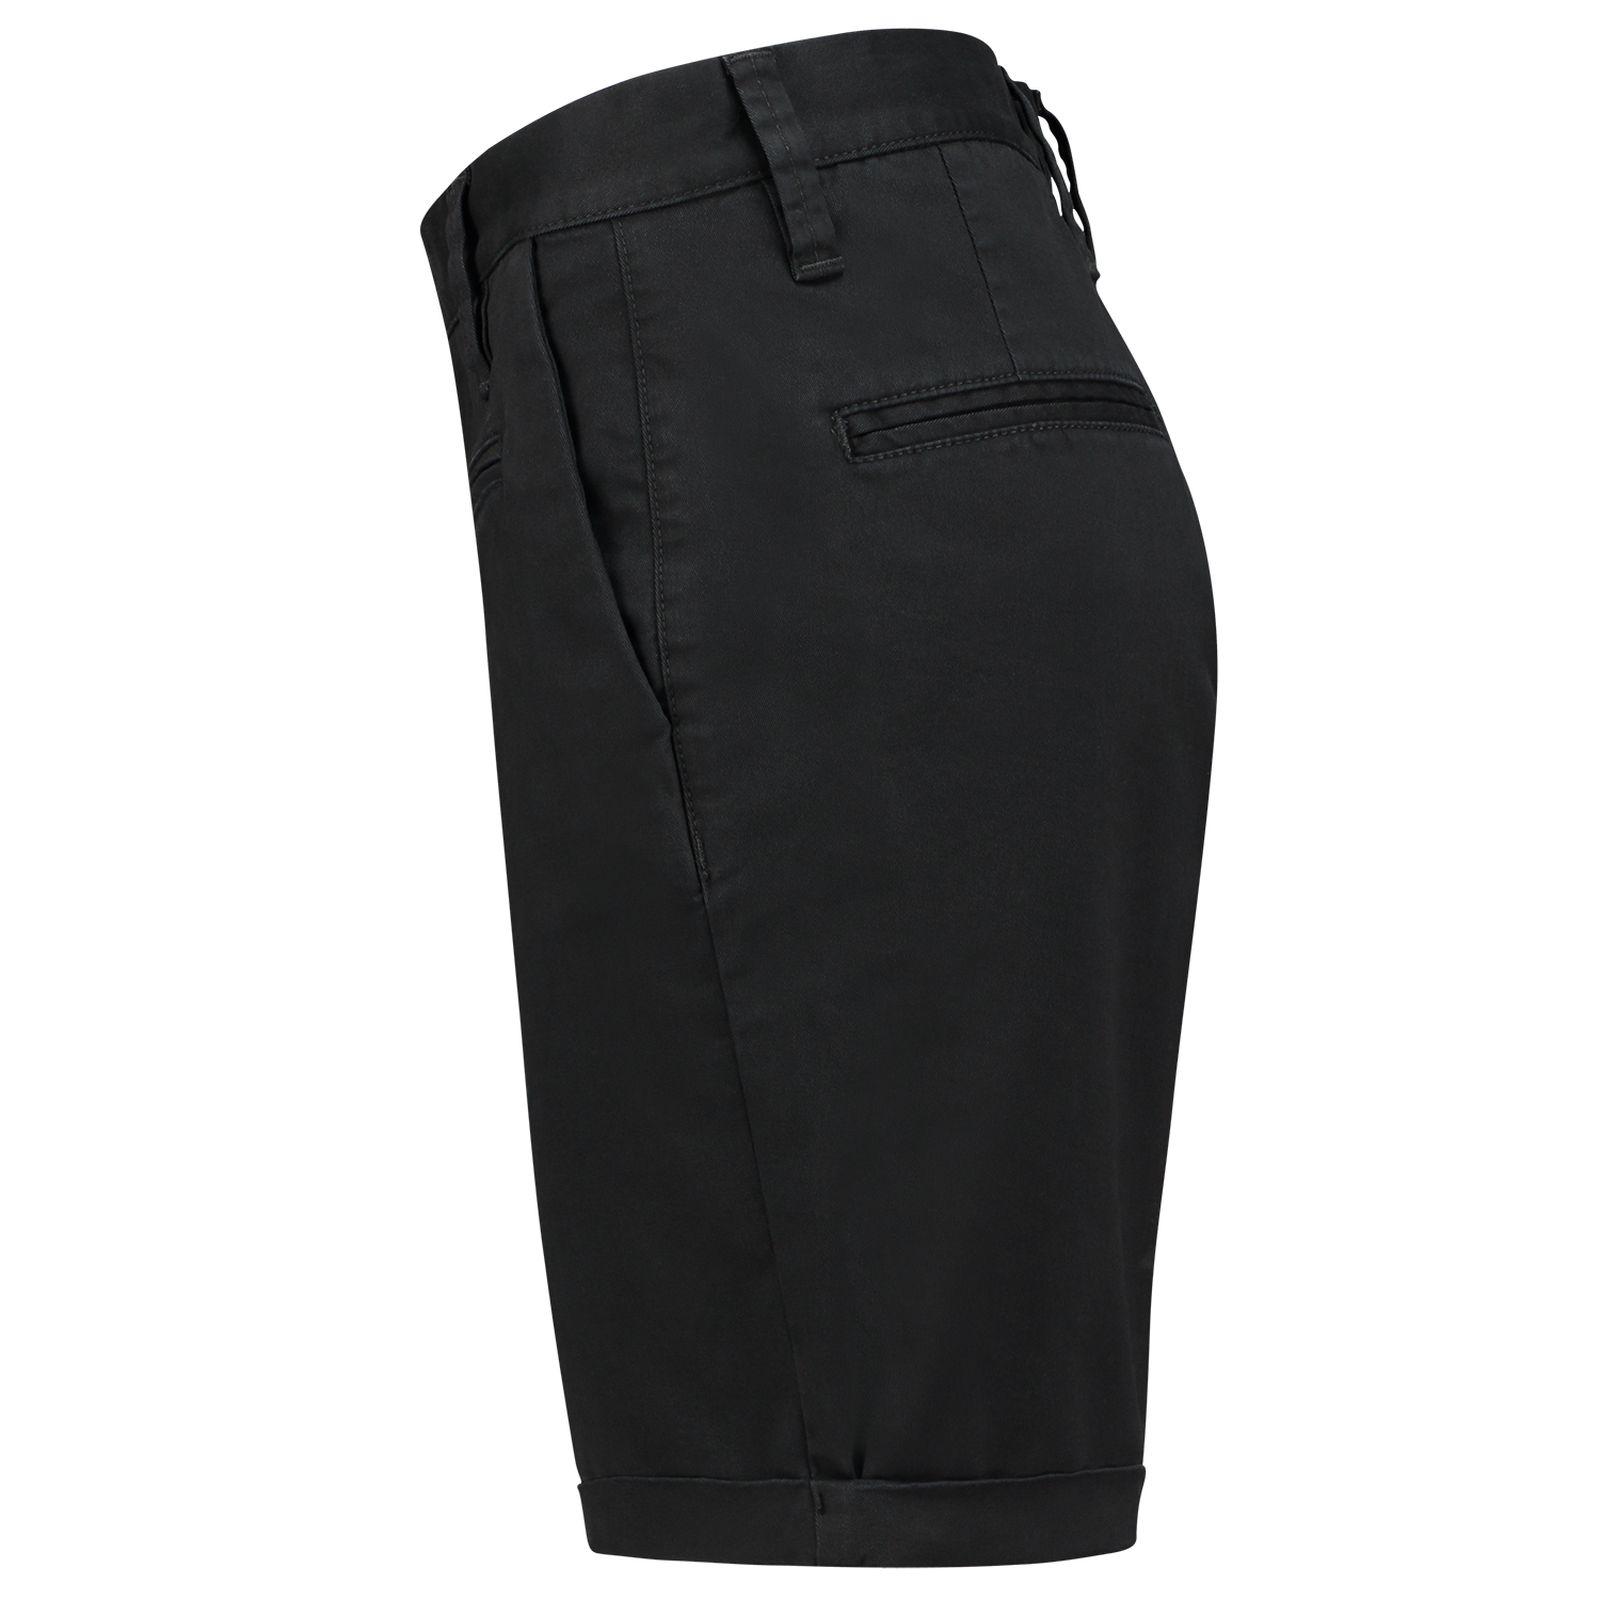 Tricorp Casual Broeken 501002 zwart(Black)